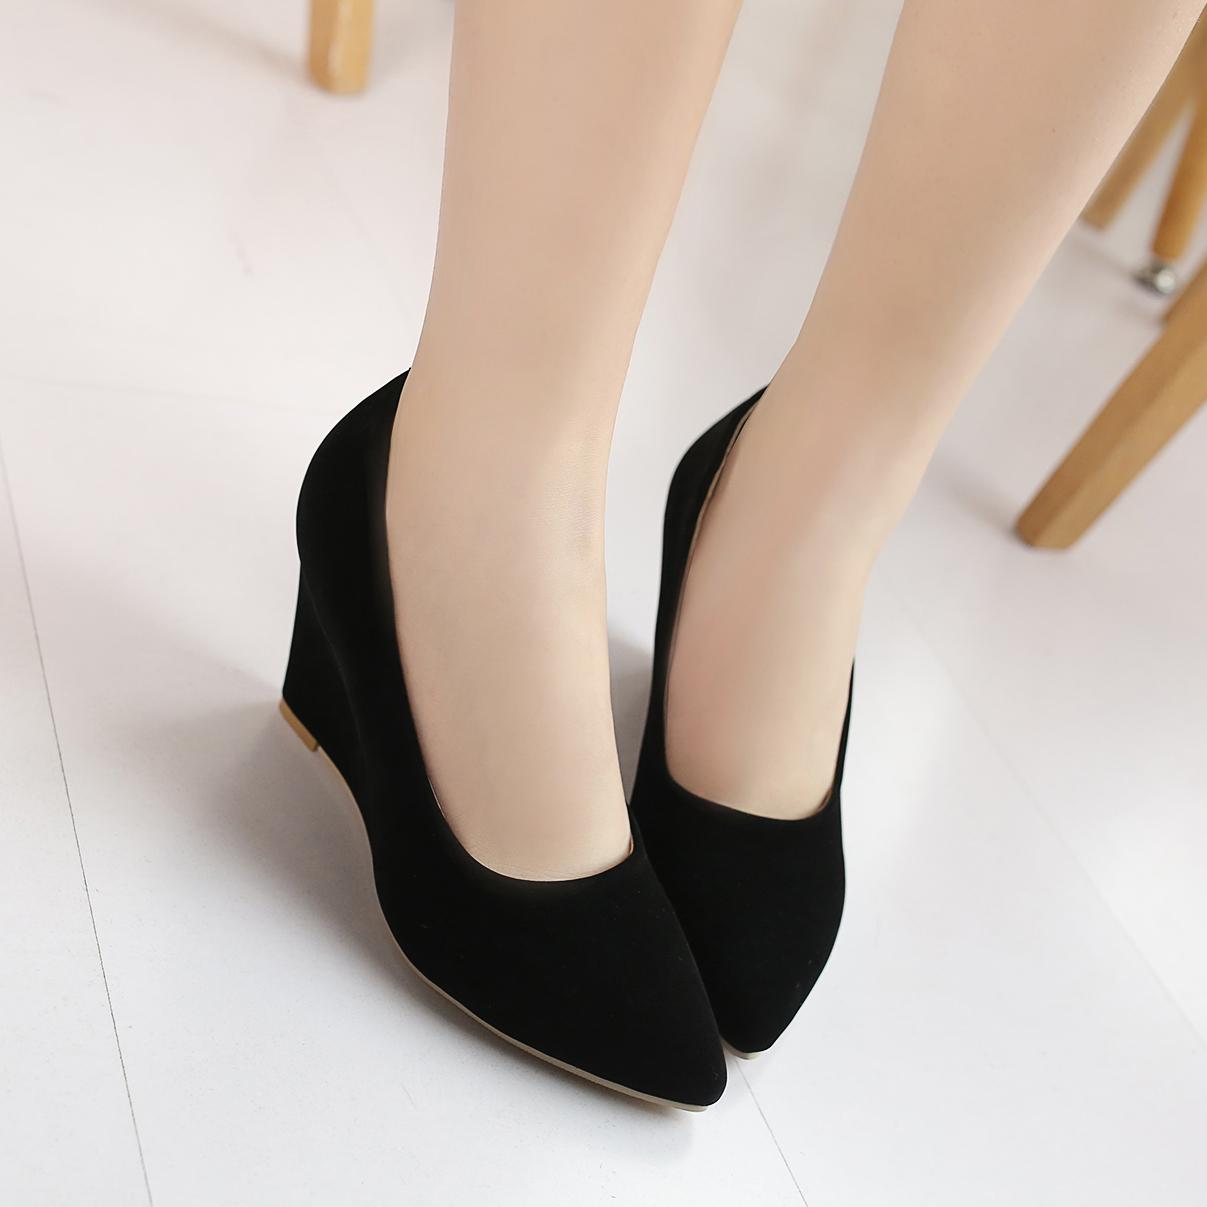 大码女鞋2019春秋新款高跟鞋百搭磨砂尖头坡跟单鞋女黑色工作鞋子